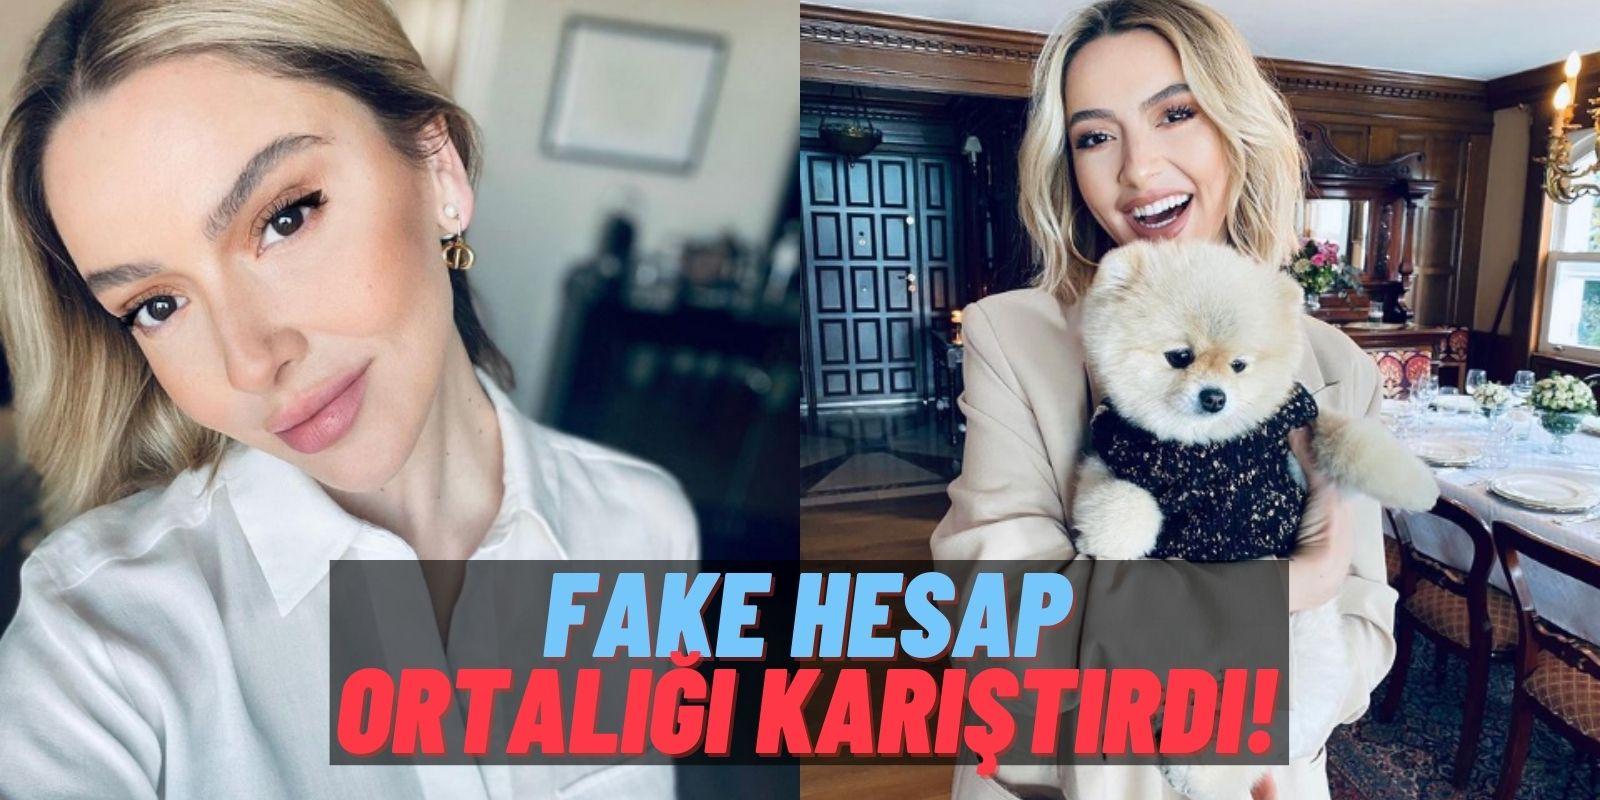 Clubhouse'ta Hadise'nin Adına Fake Hesap Açılınca Ortalık Karıştı: Sohbet Etmiş Hatta Şarkı Bile Söylemiş!